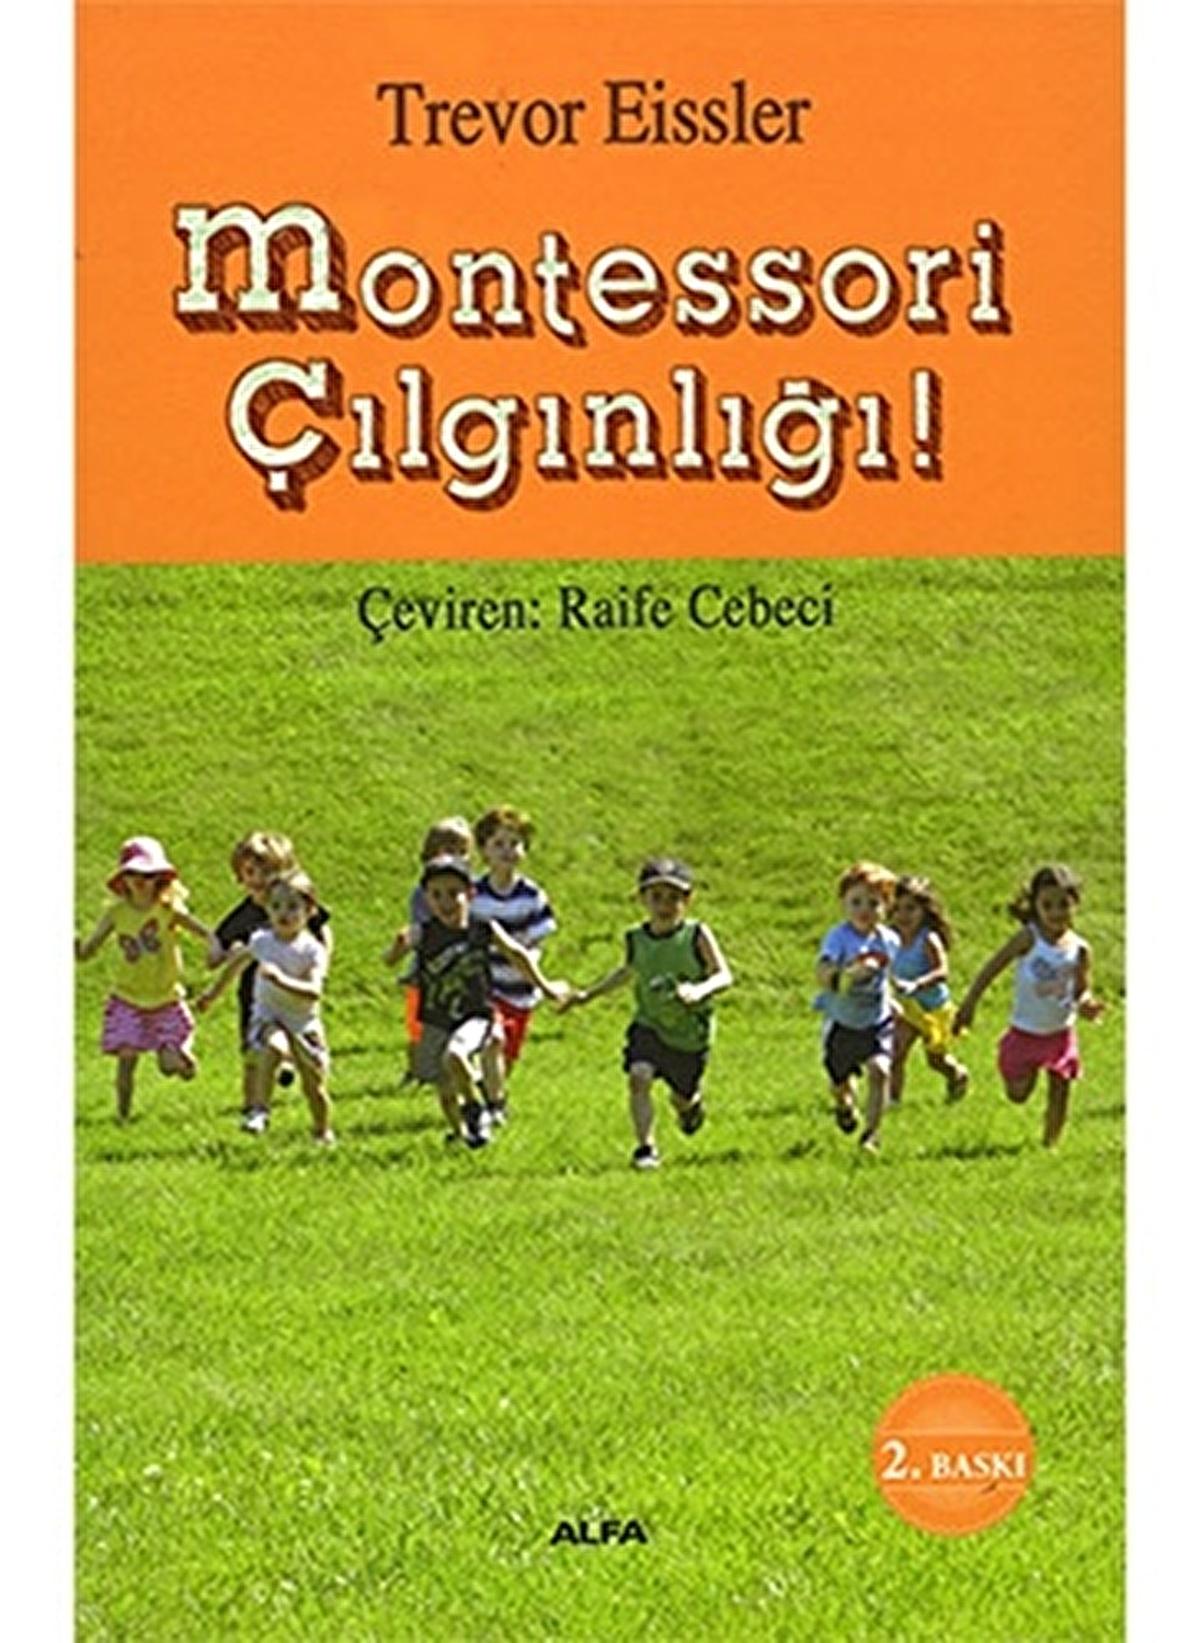 Alfa Montessori Çılgınlığı! Montessori-çılgınlığı! – 20.37 TL